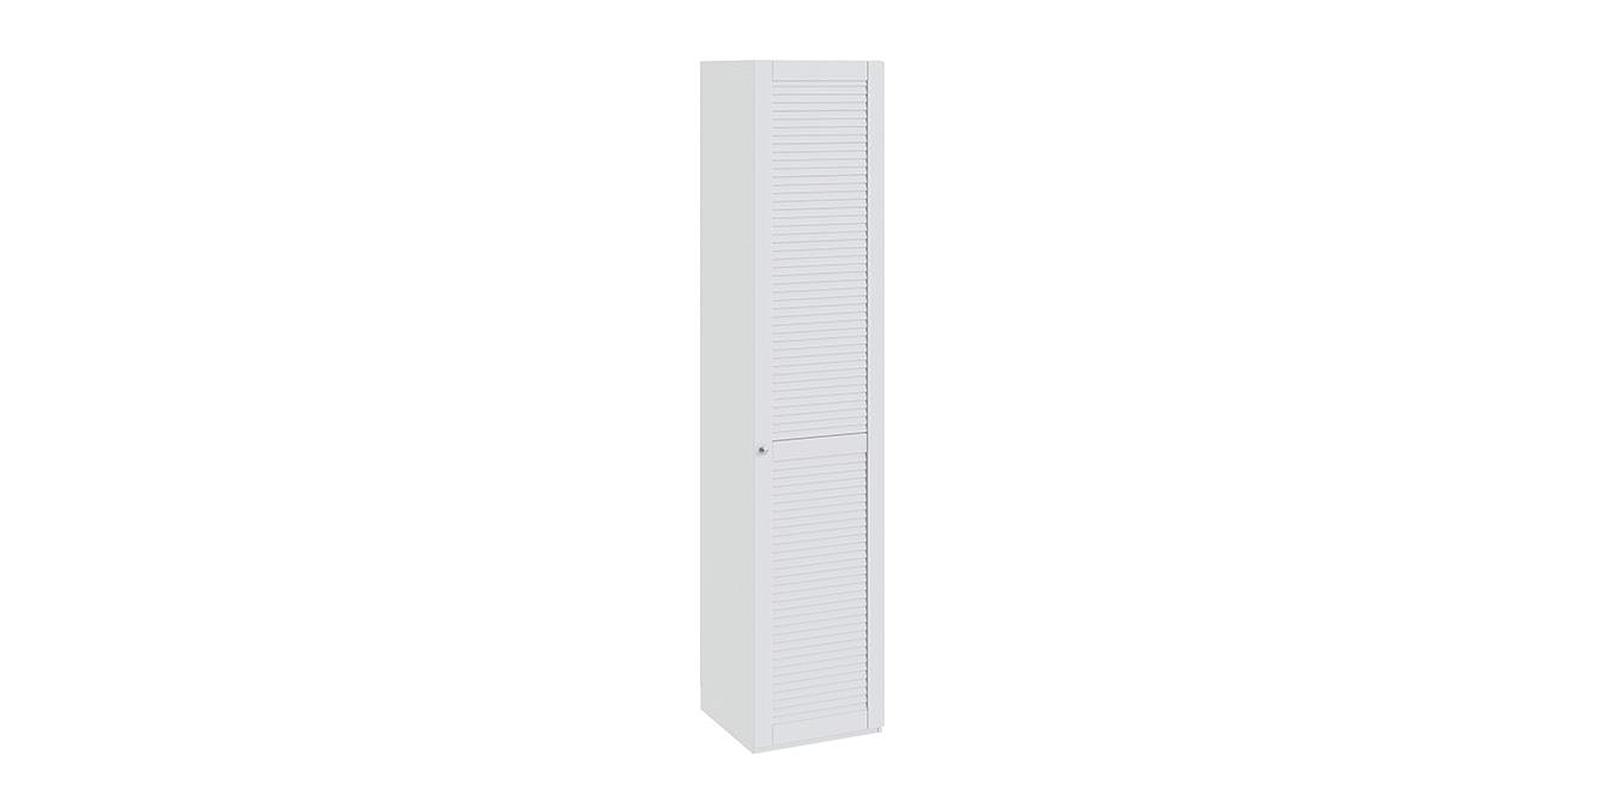 Шкаф распашной однодверный Мерида вариант №7 правый (белый)